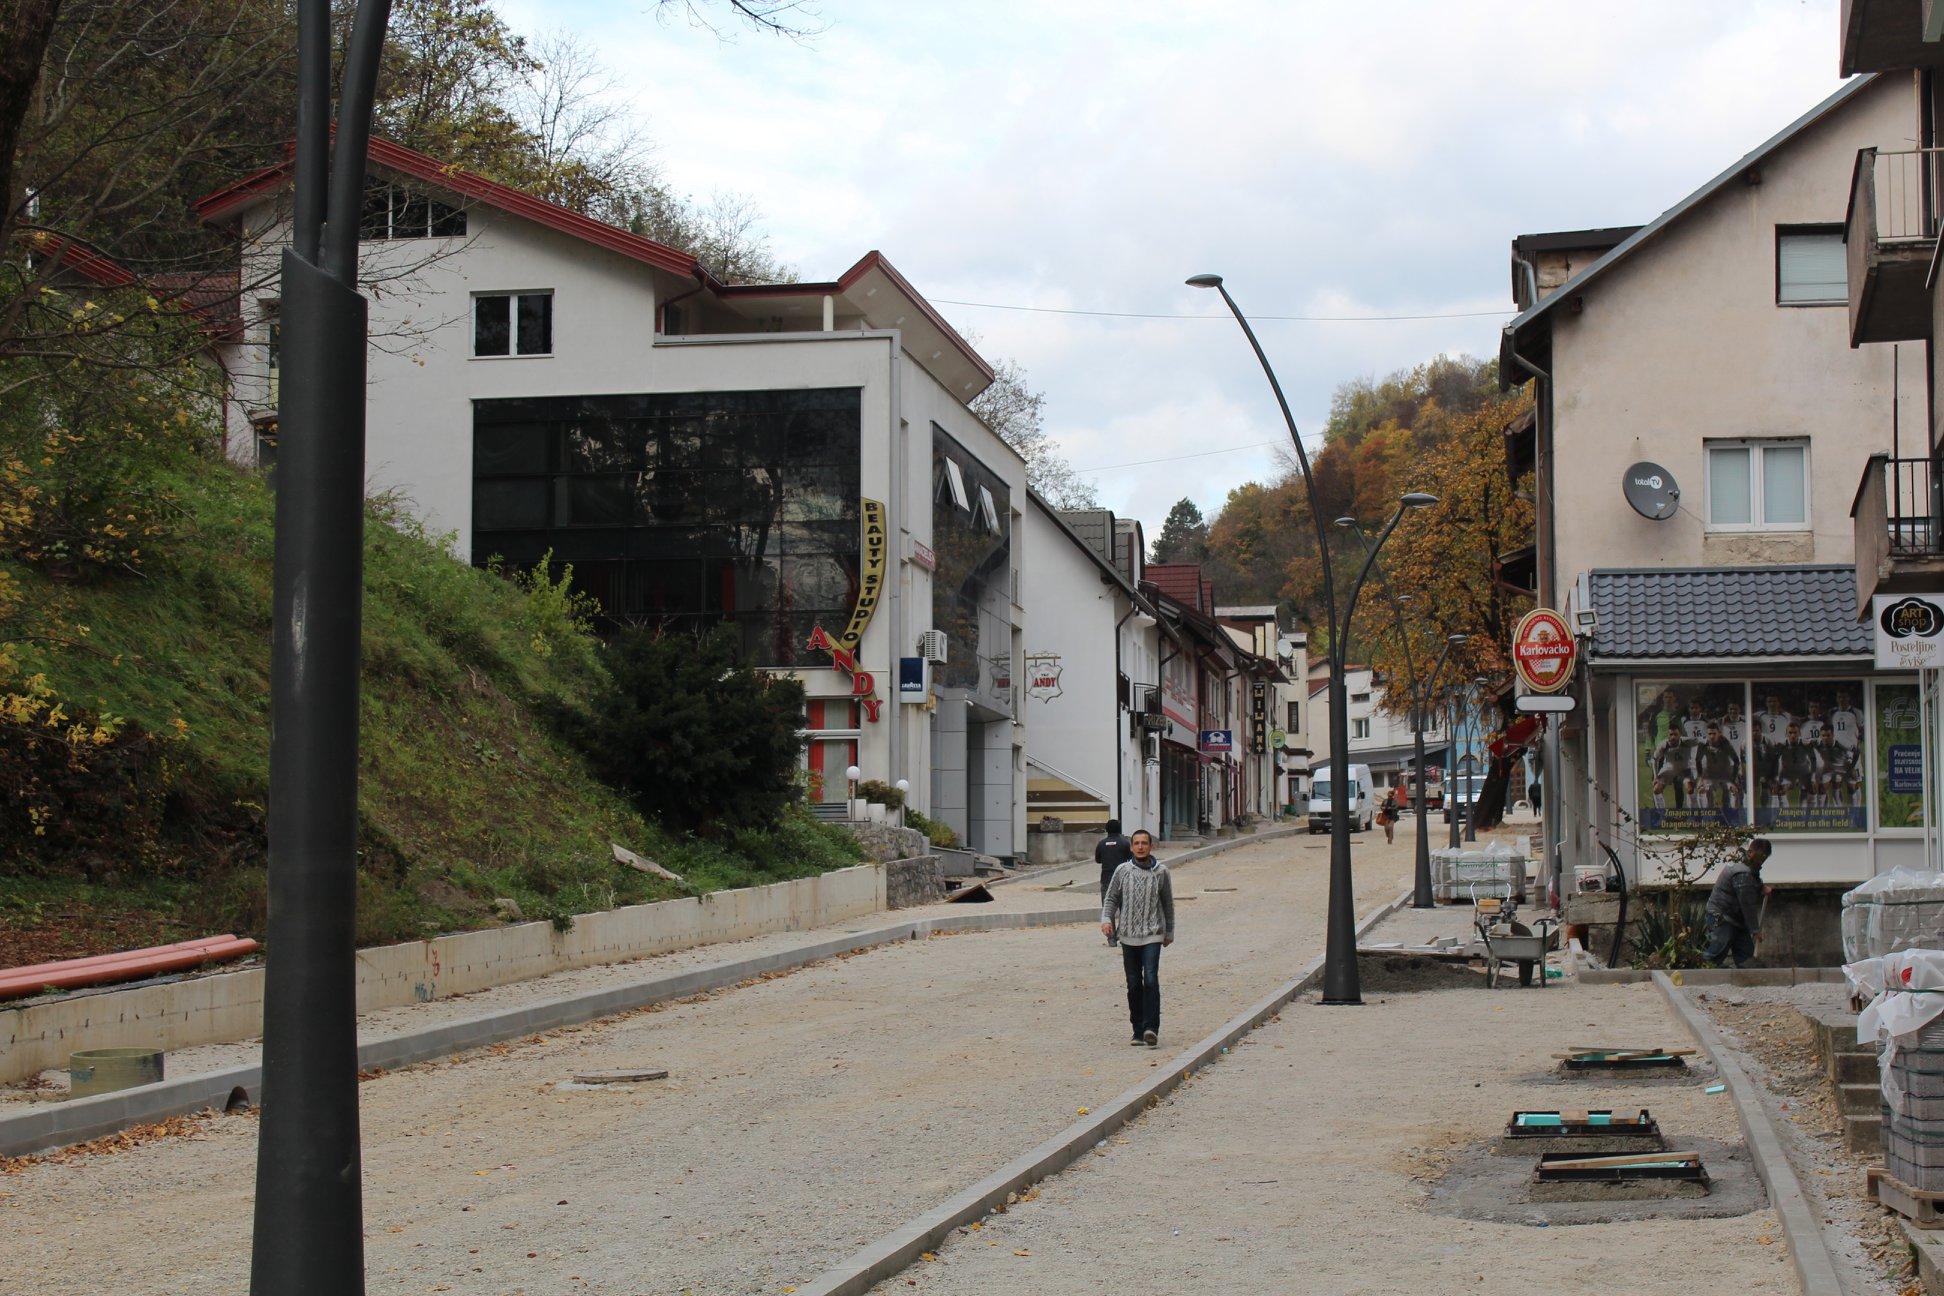 Realizacijom ovog projekta spomenuta ulica zasjat će u potpuno novom ruhu.